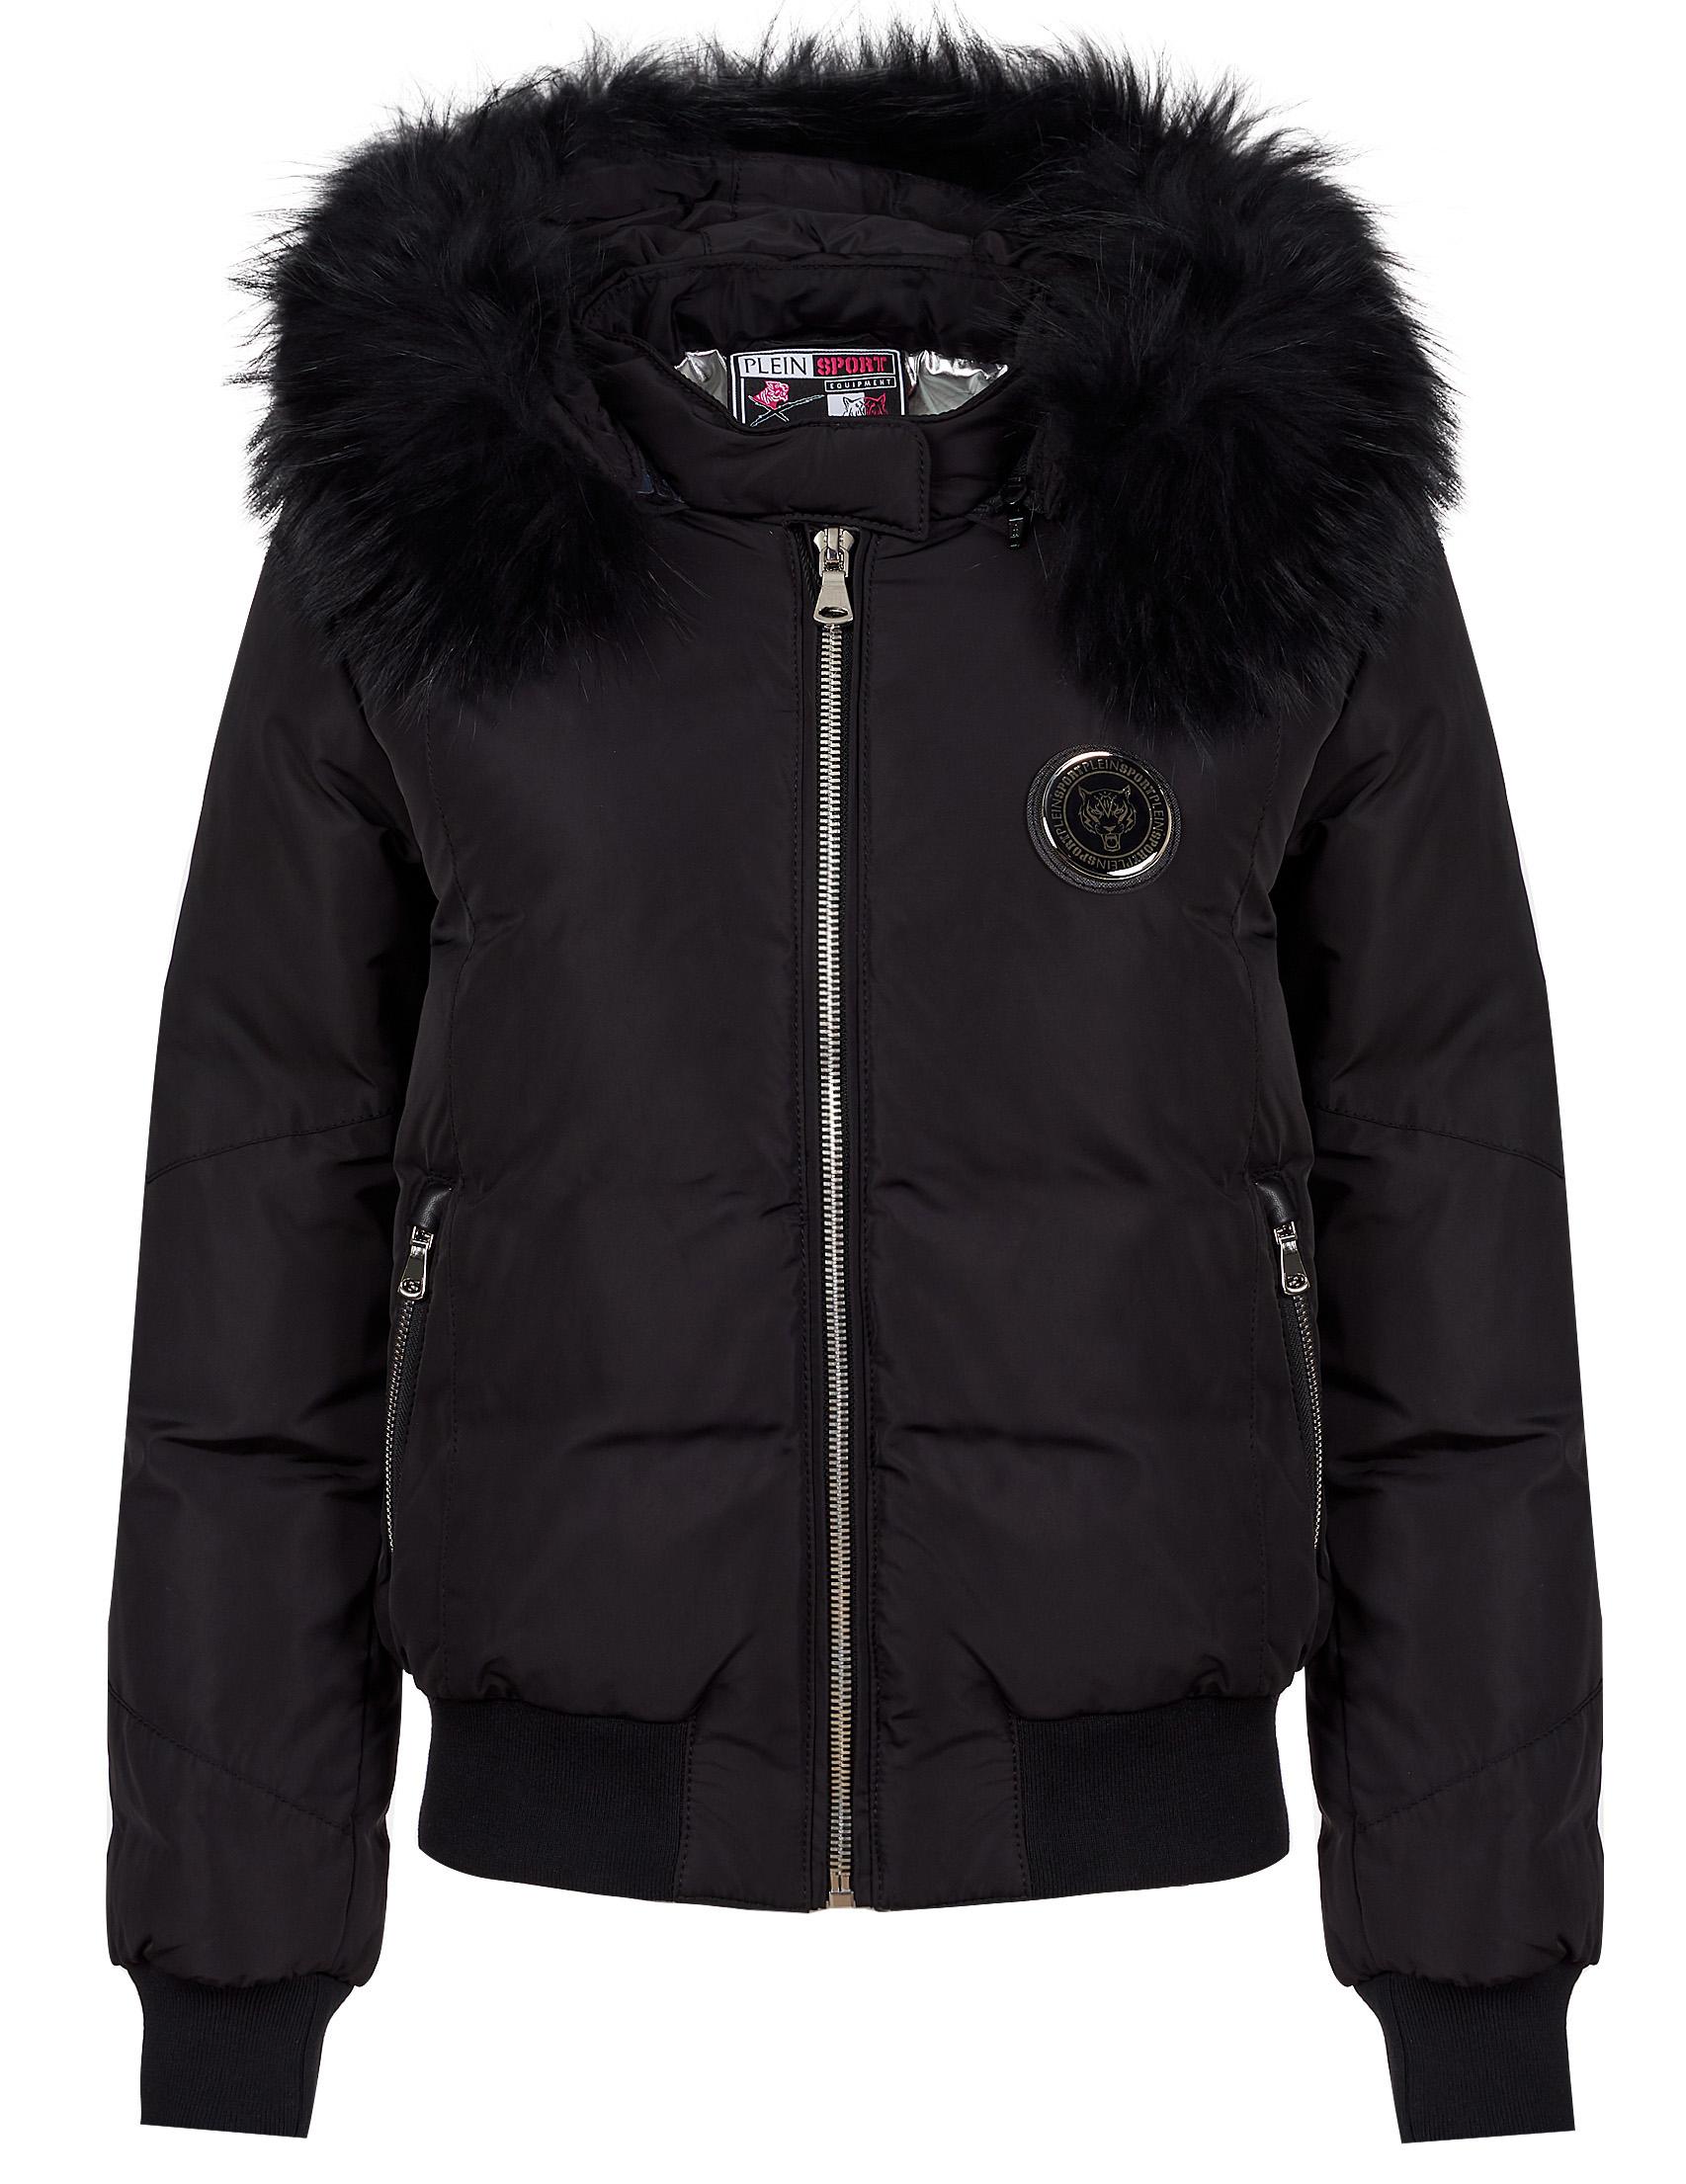 Купить Куртки, Куртка, PLEIN SPORT, Черный, 100%Полиэстер;100%Кожа, Осень-Зима